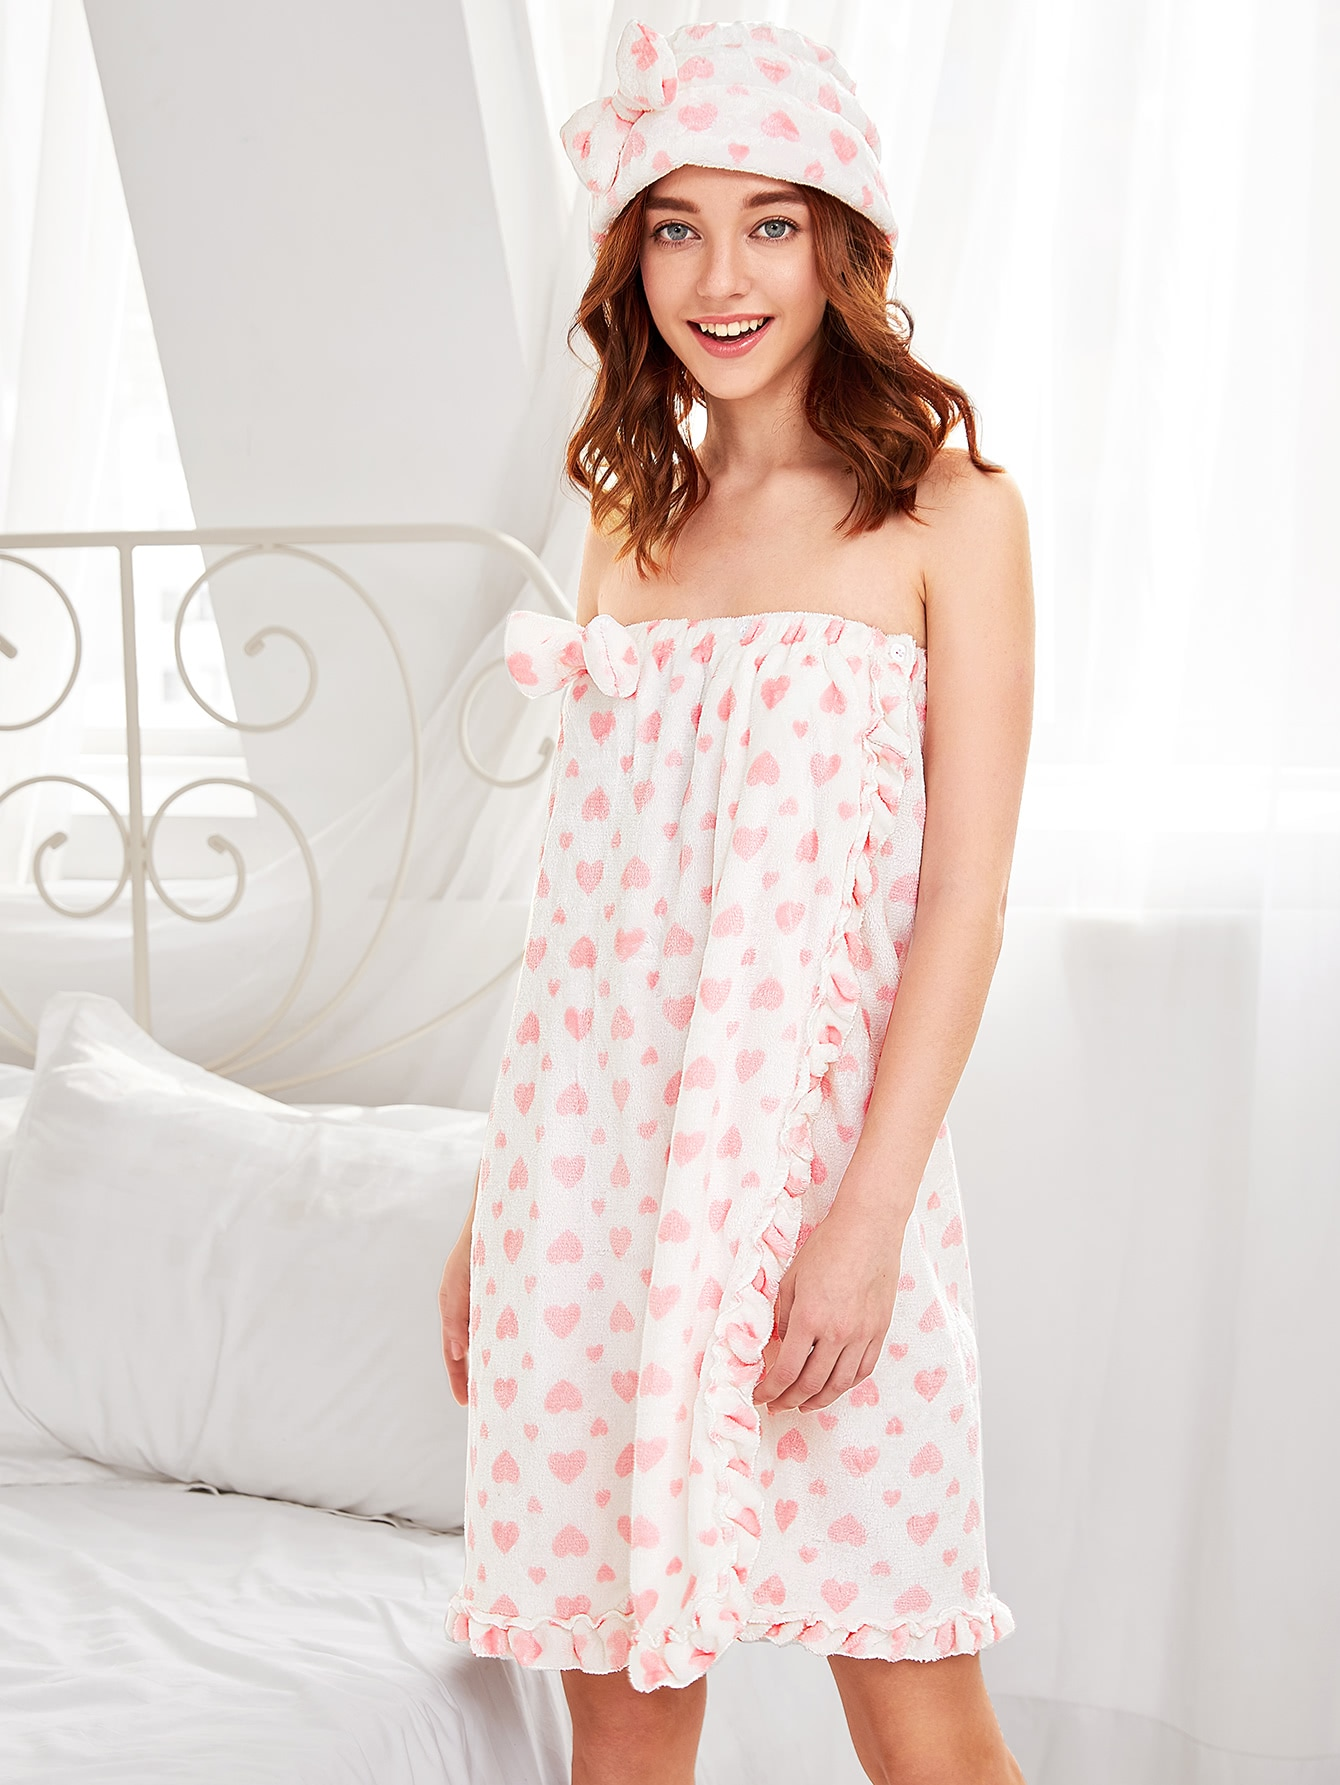 Frill Trim Bathroom Spa Wrap With Shower Cap frill trim plaid wrap skirt